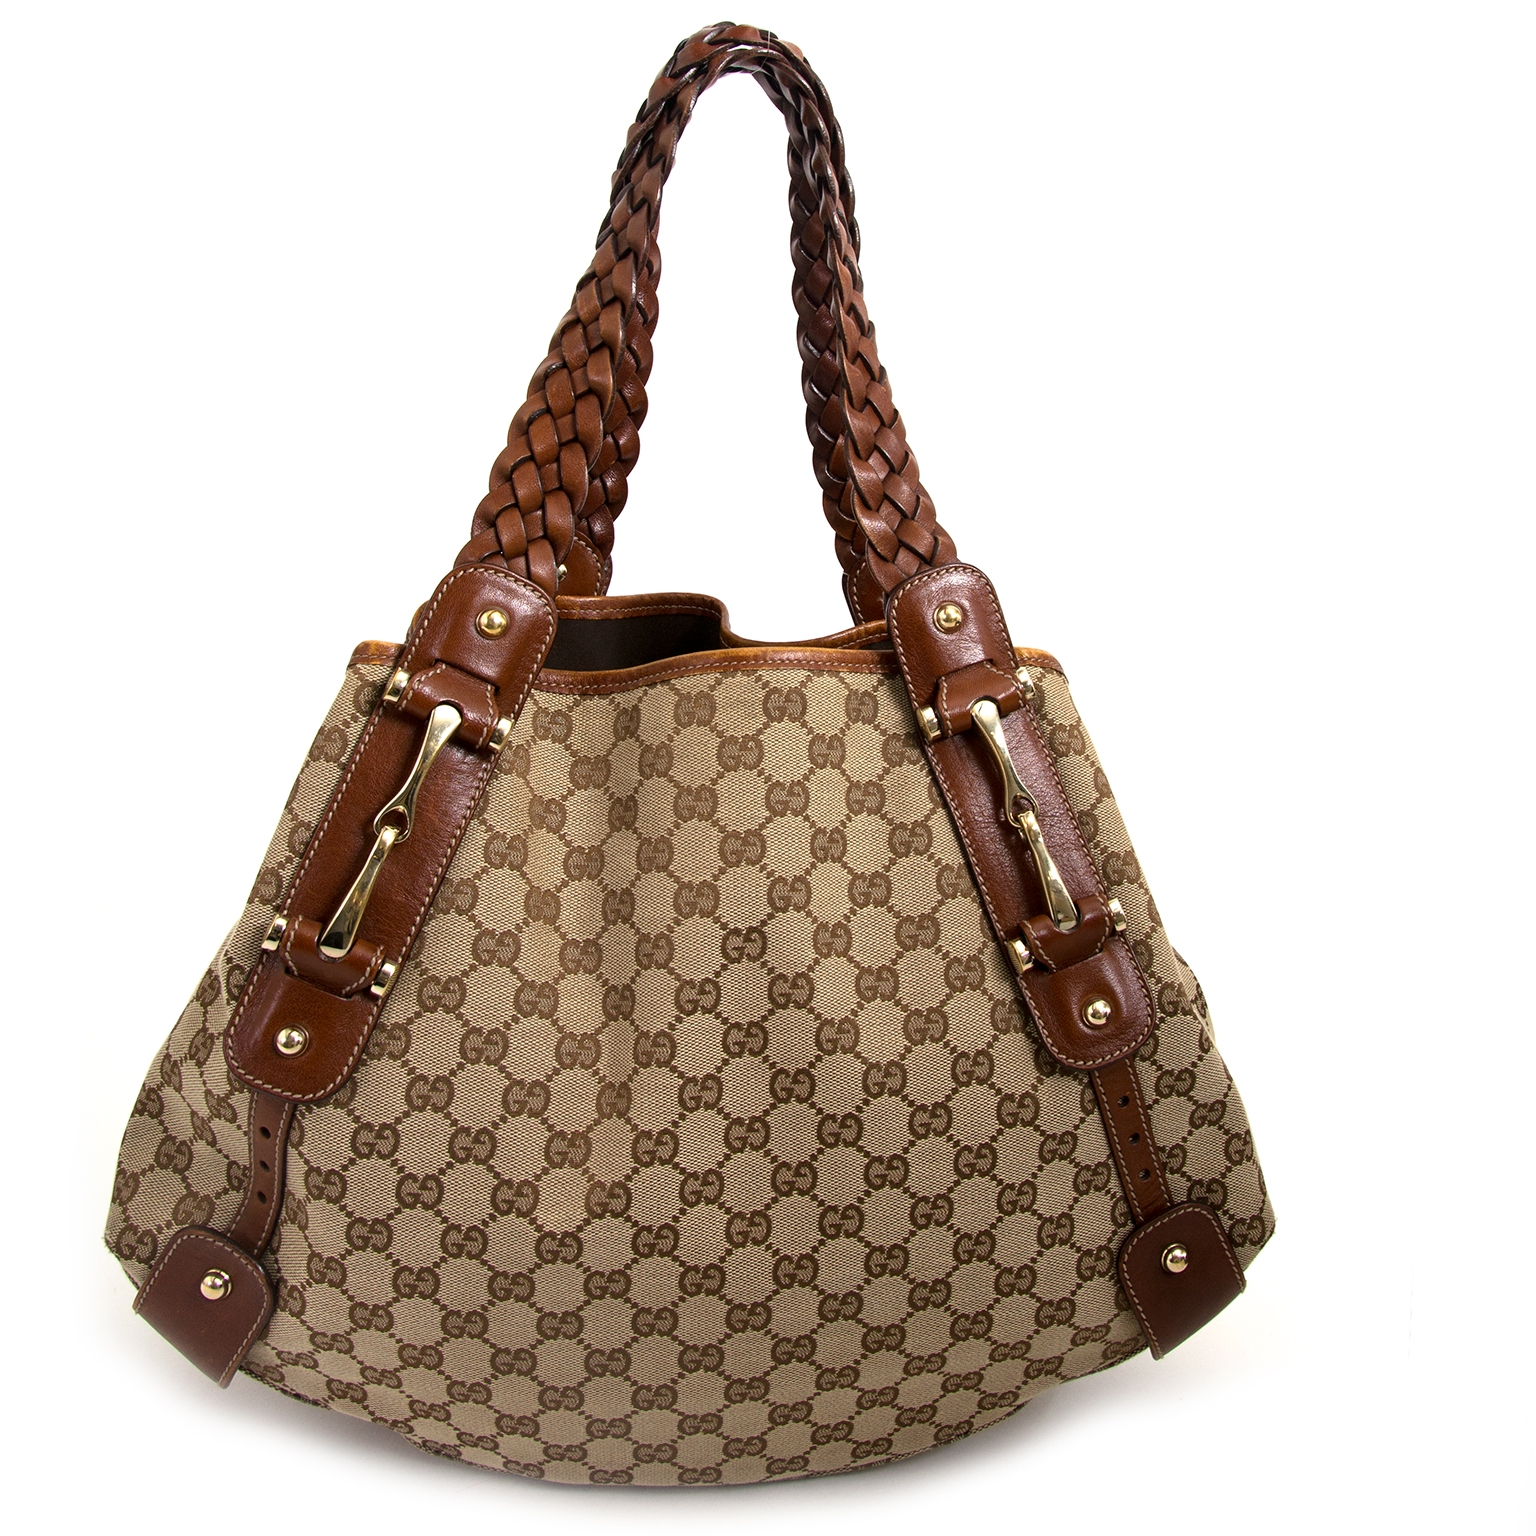 achetez Gucci Beige/Brown Monogram Pelham Shoulder Bag  chez labellov pour le meilleur prix